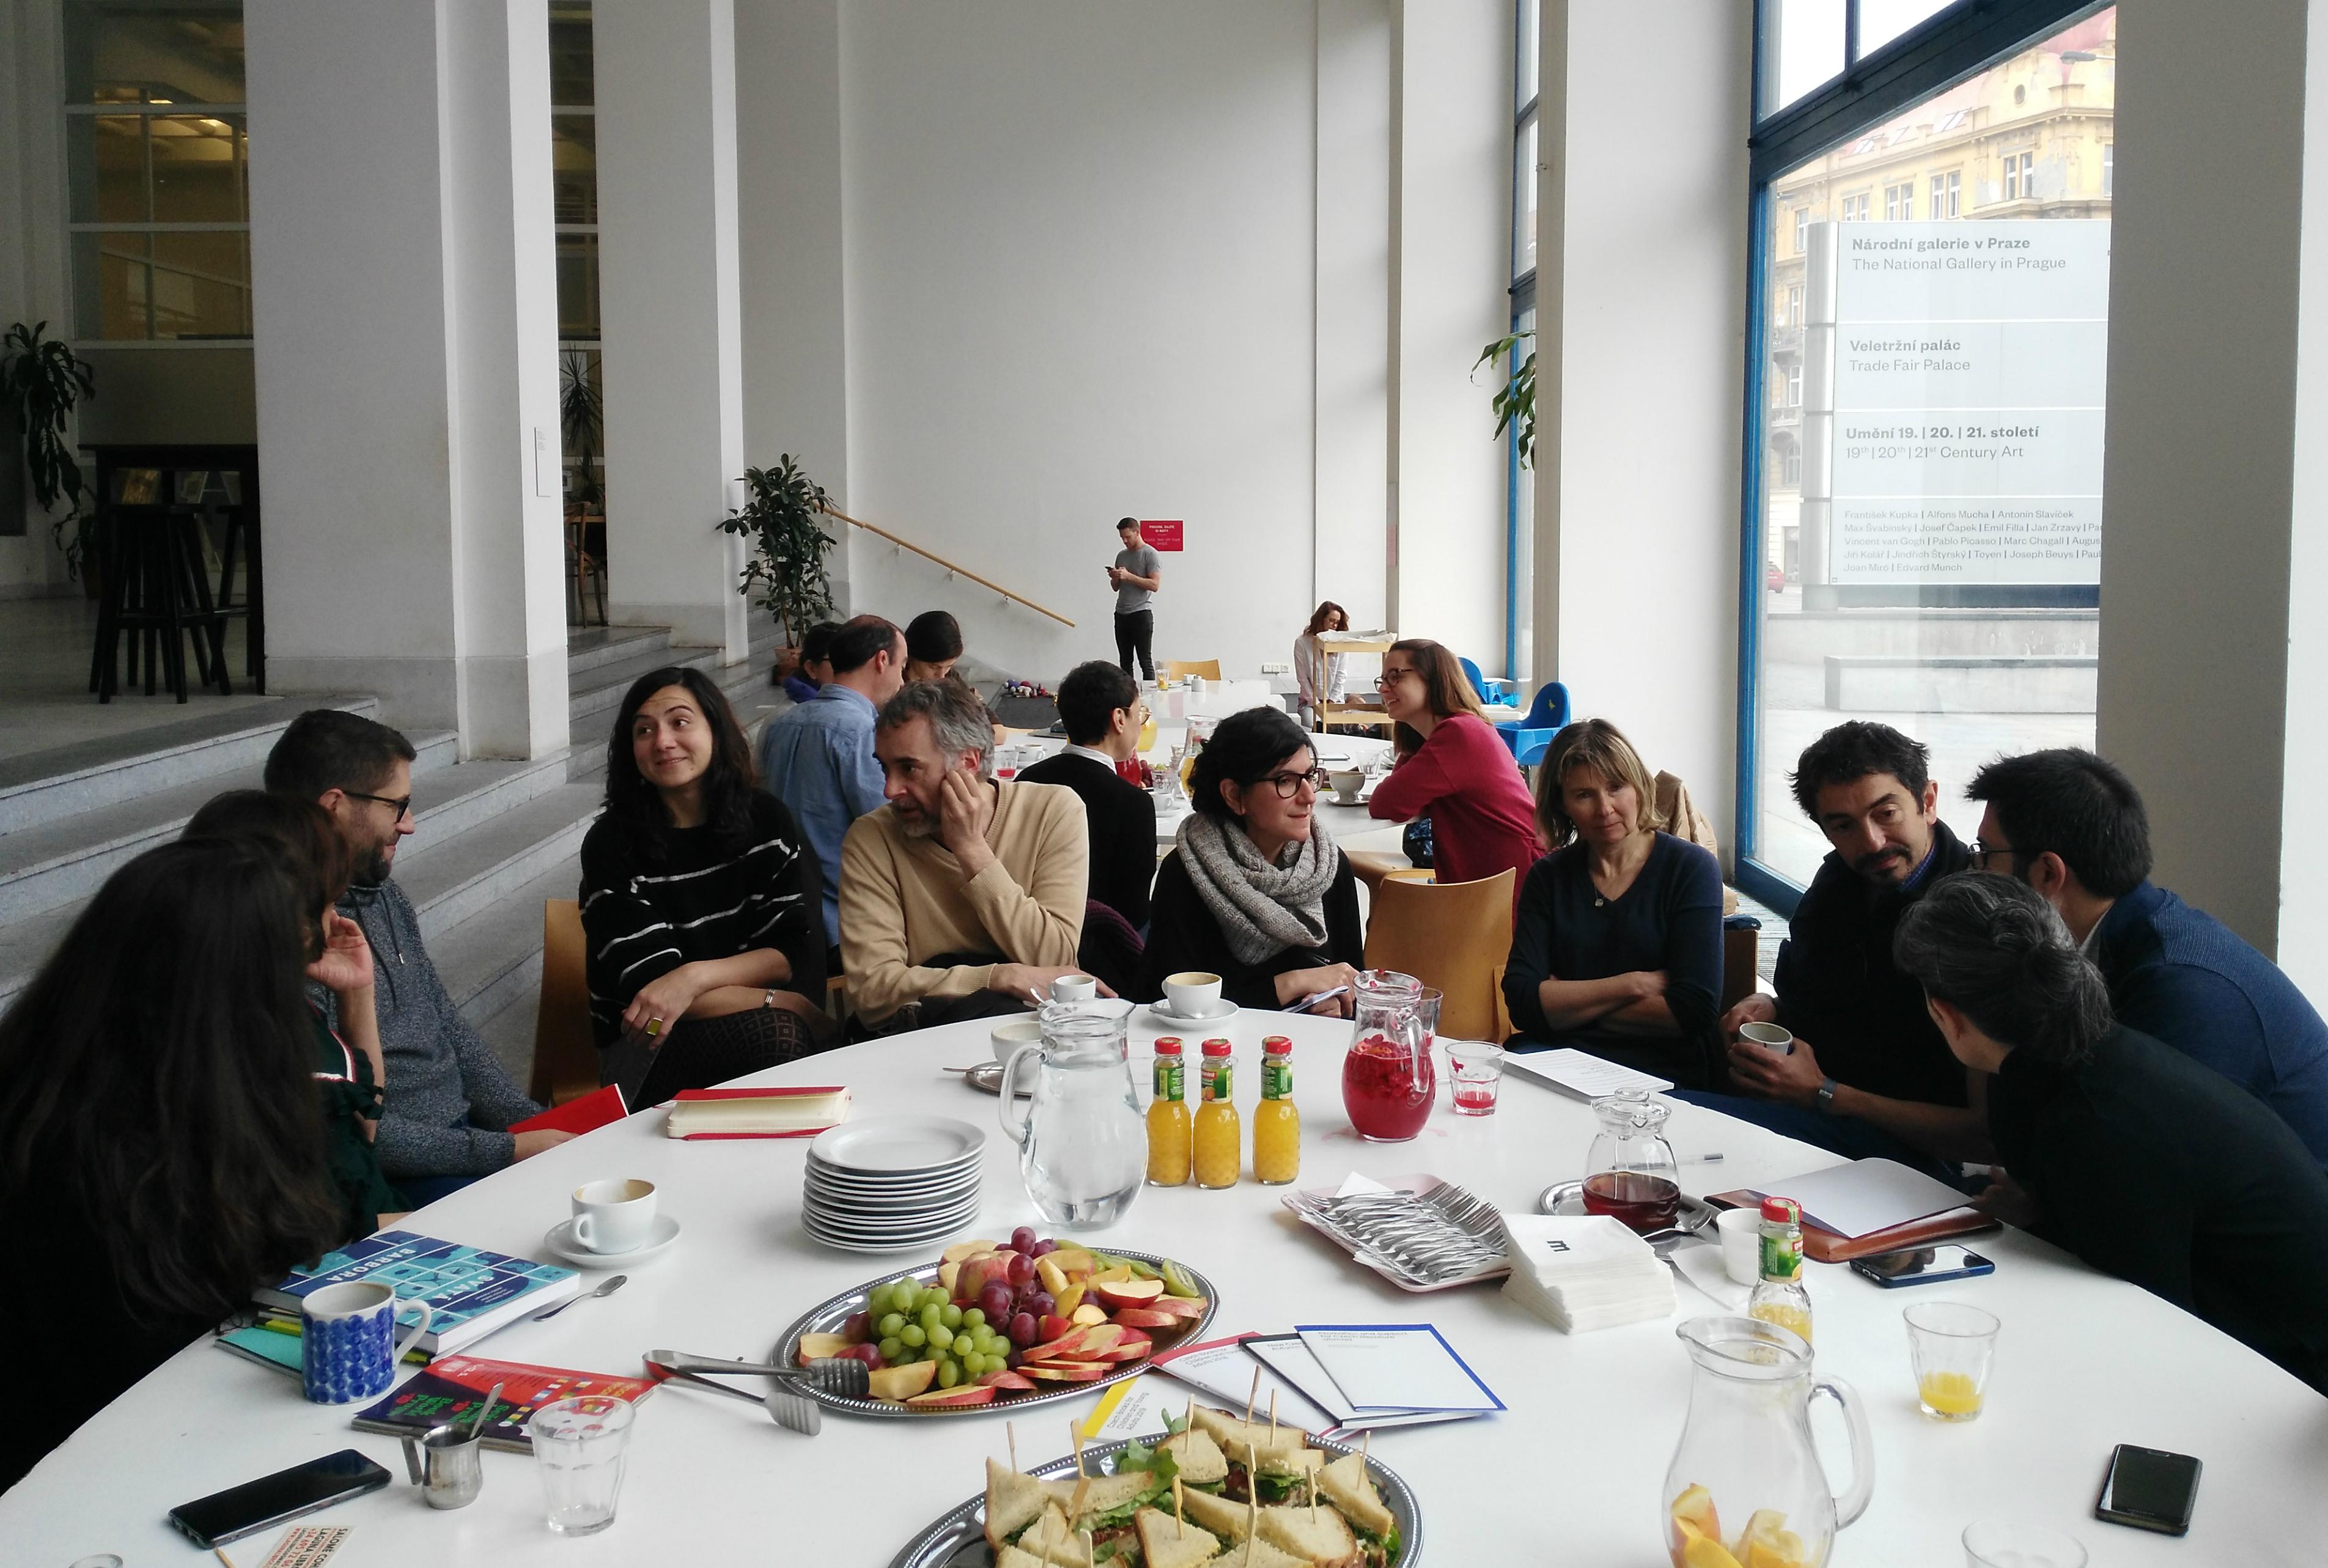 Encuentro literario, foto: Enrique Molina